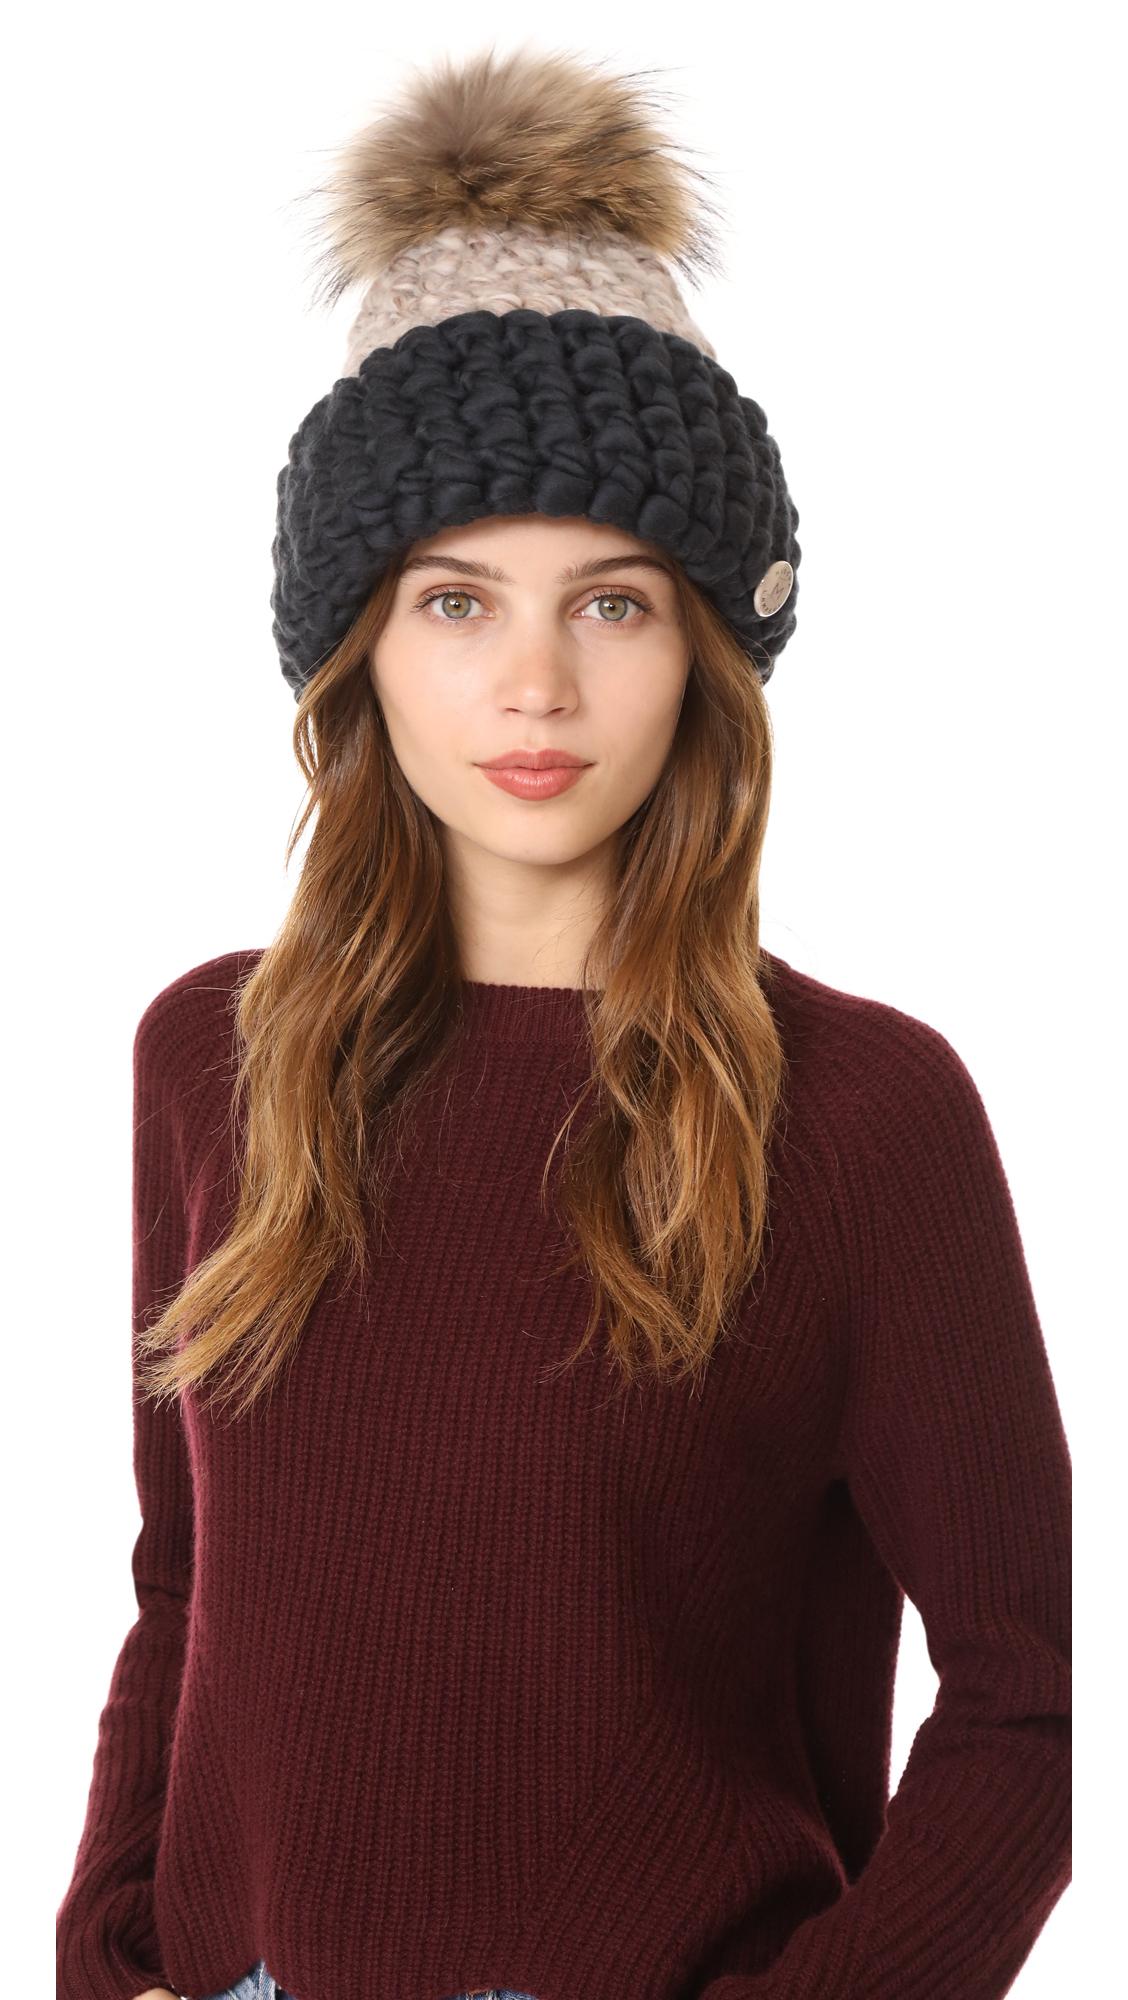 Mischa Lampert Fold Beanie Hat - Taupe/Dark Grey/Natural